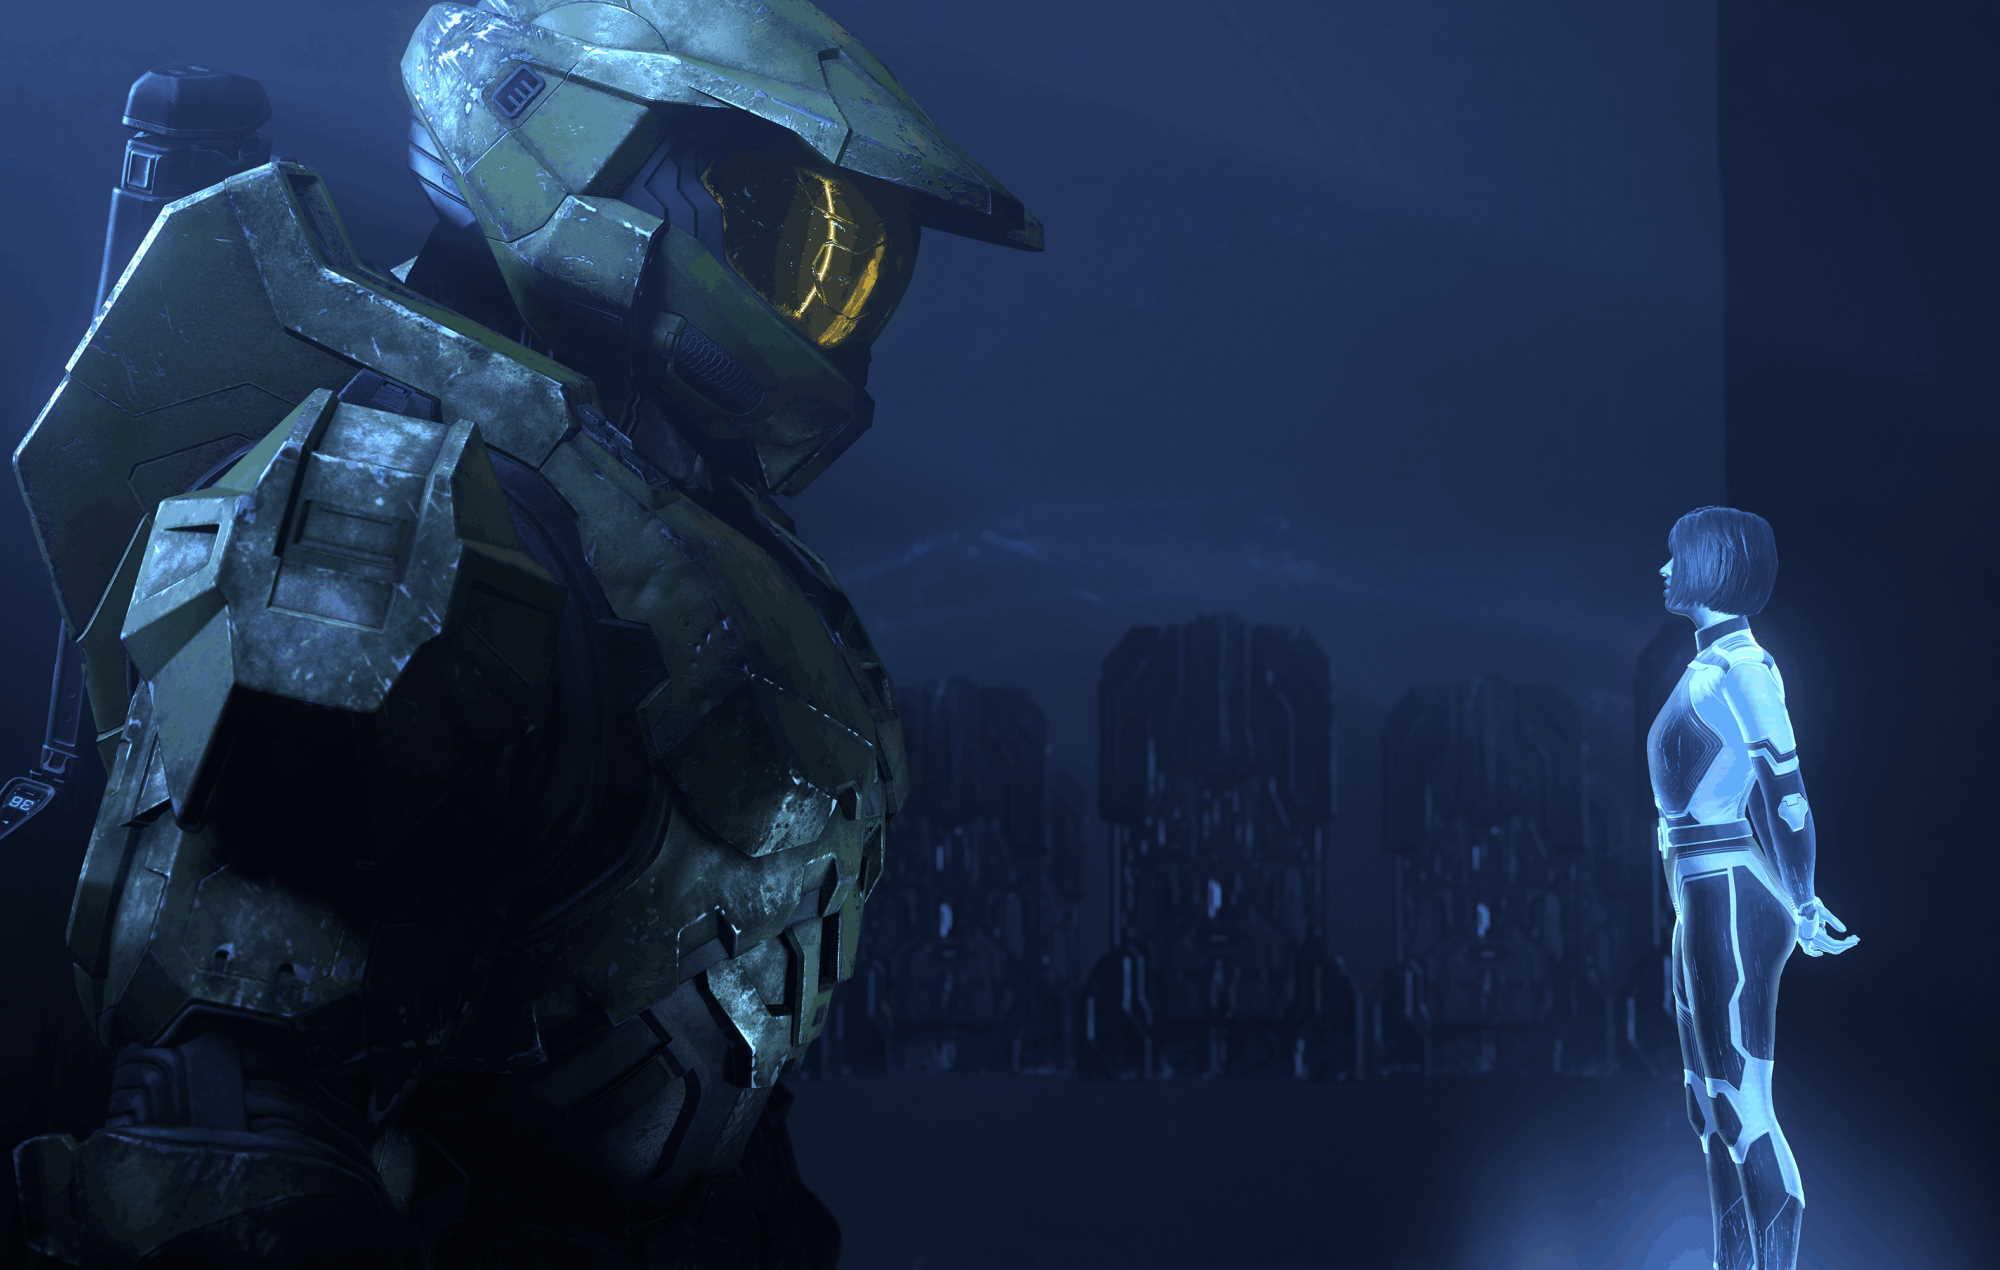 """'Halo Infinite' campaign under """"massive strain"""" according to dev - NME.com"""